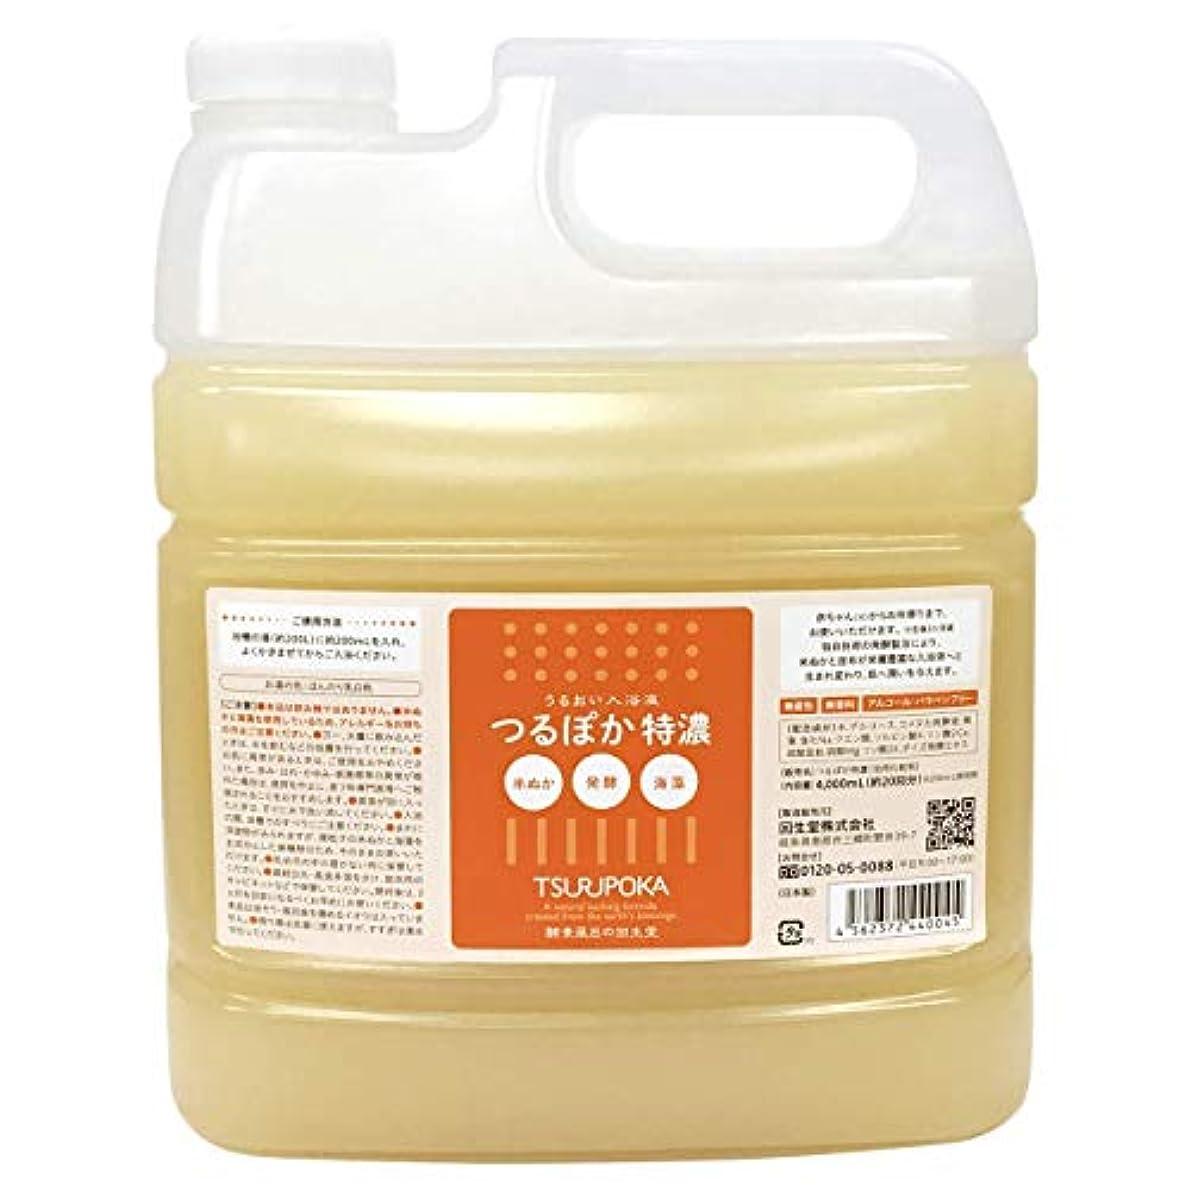 エピソード小康問い合わせる「自宅で簡単酵素風呂」つるぽか特濃 国産の米ぬかと昆布を発酵させた自然派酵素入浴剤 約20回分(1回200mL使用)うるおい しっとり 保湿 冷え 発汗